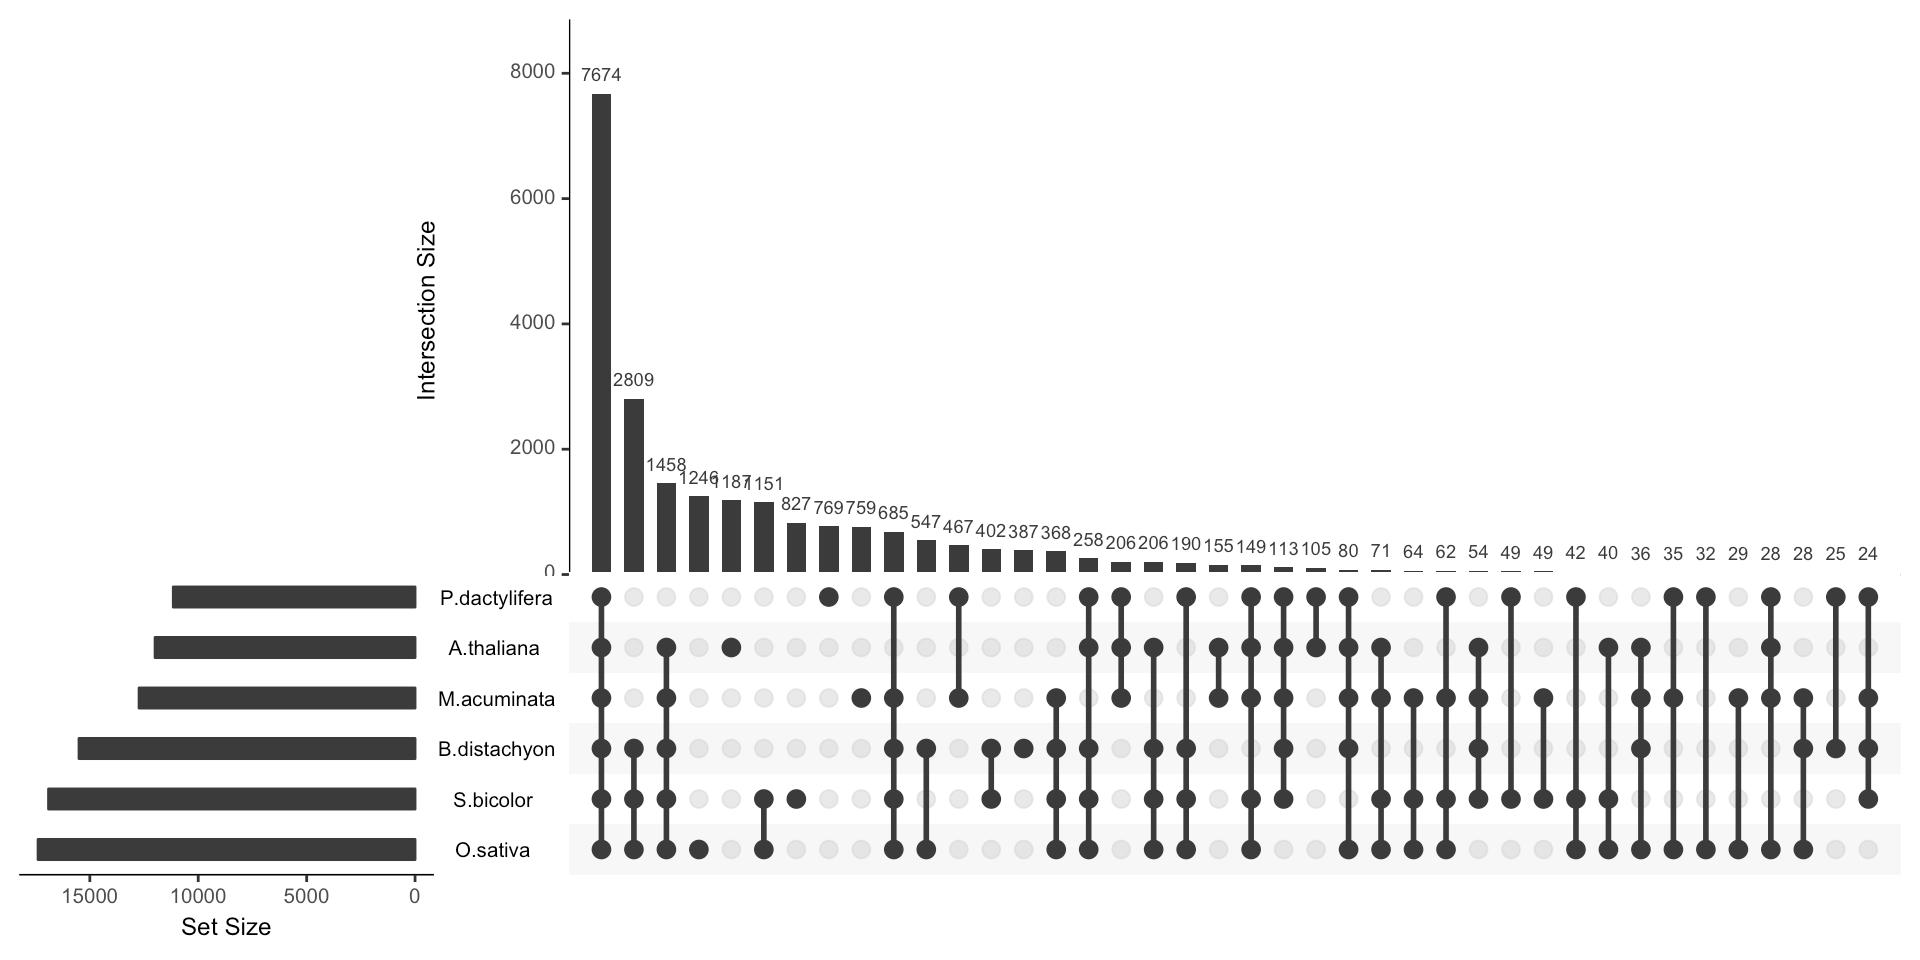 Venn Diagram From Data To Viz